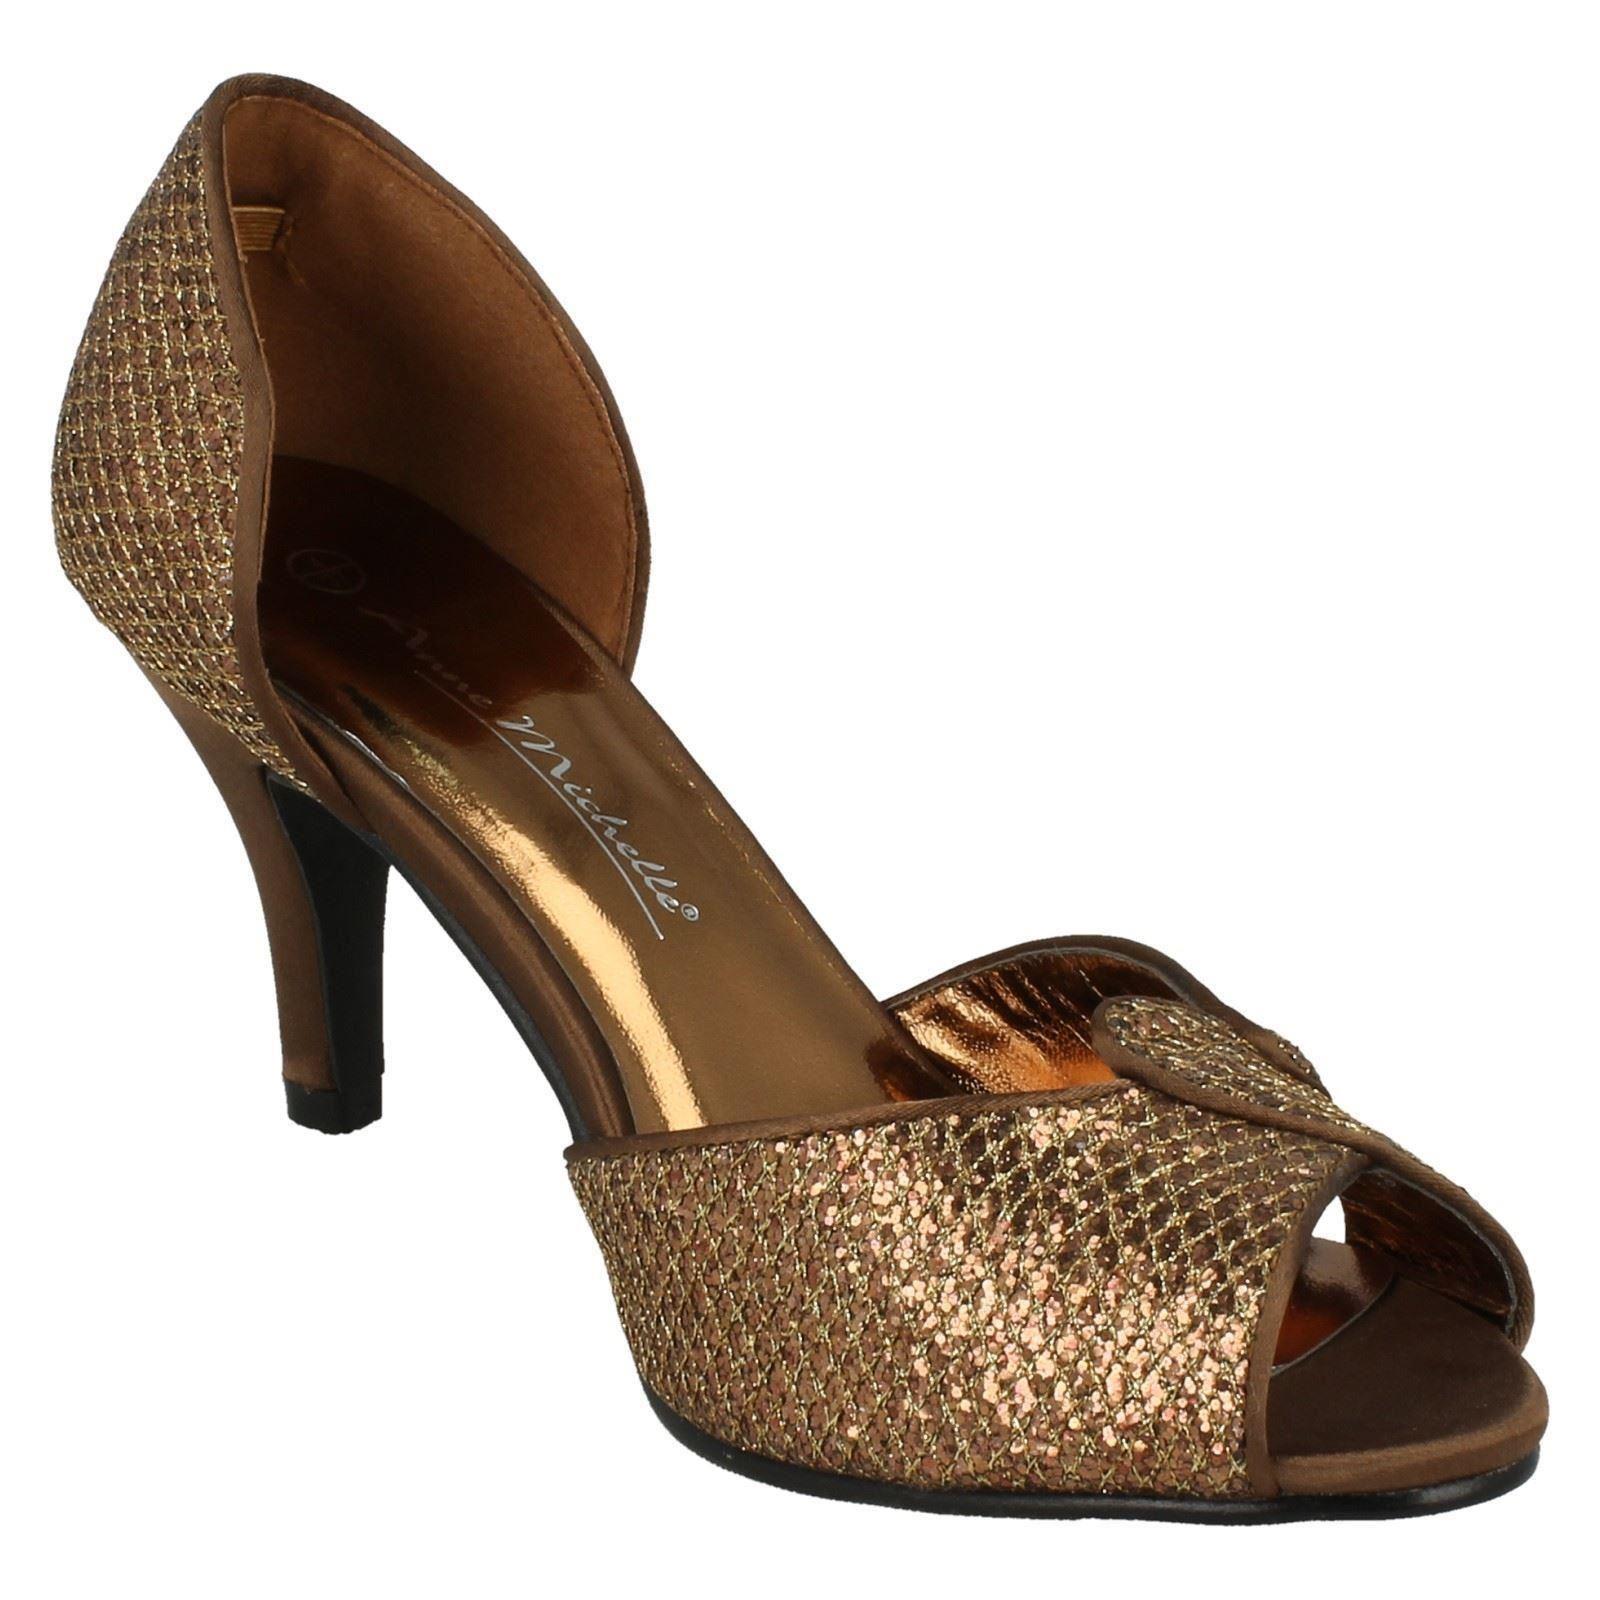 Damen Anne Michelle ohne Bügel Absatz Schuhe